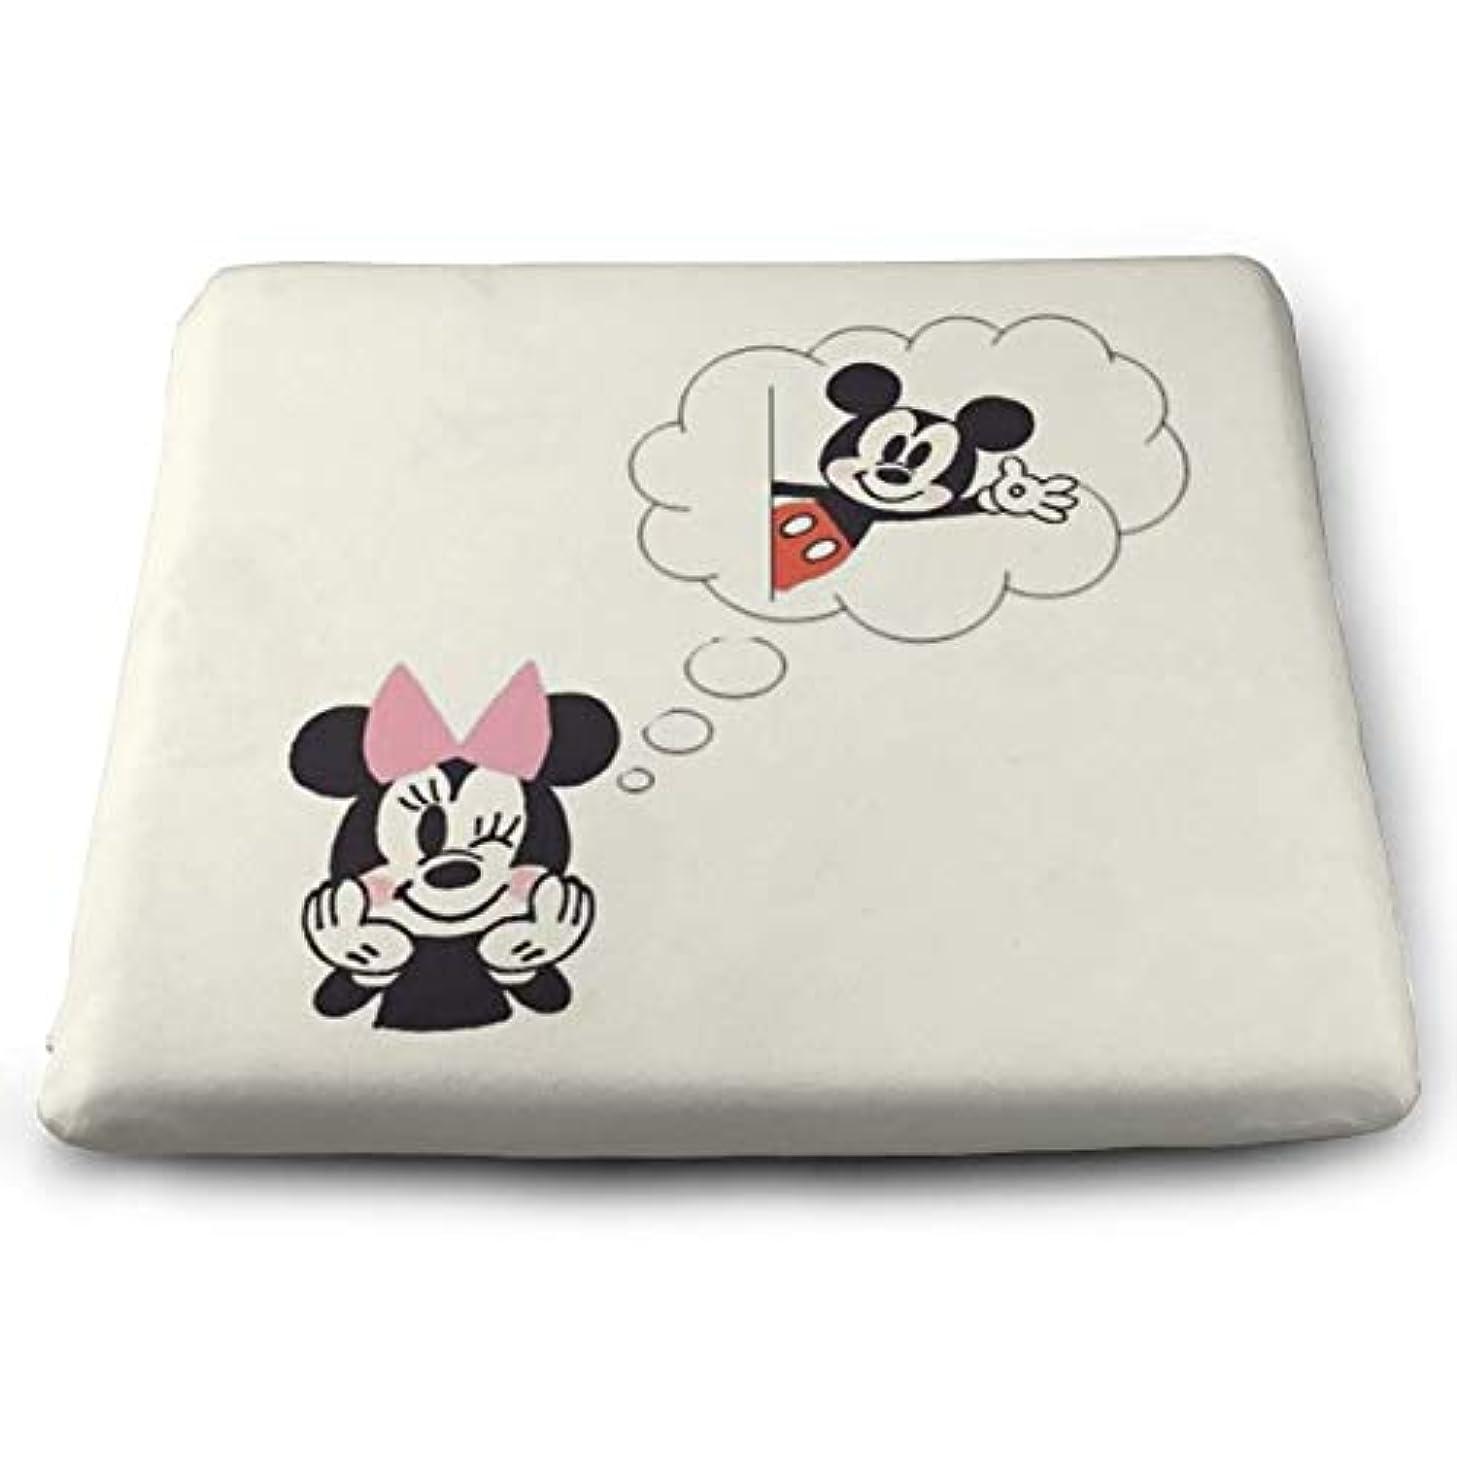 KXJBB Chair Pads- Non Slip Square Chair Cushion Comfort Memory Foam Mickey Minnie Thicken Seat Cushion Pillow